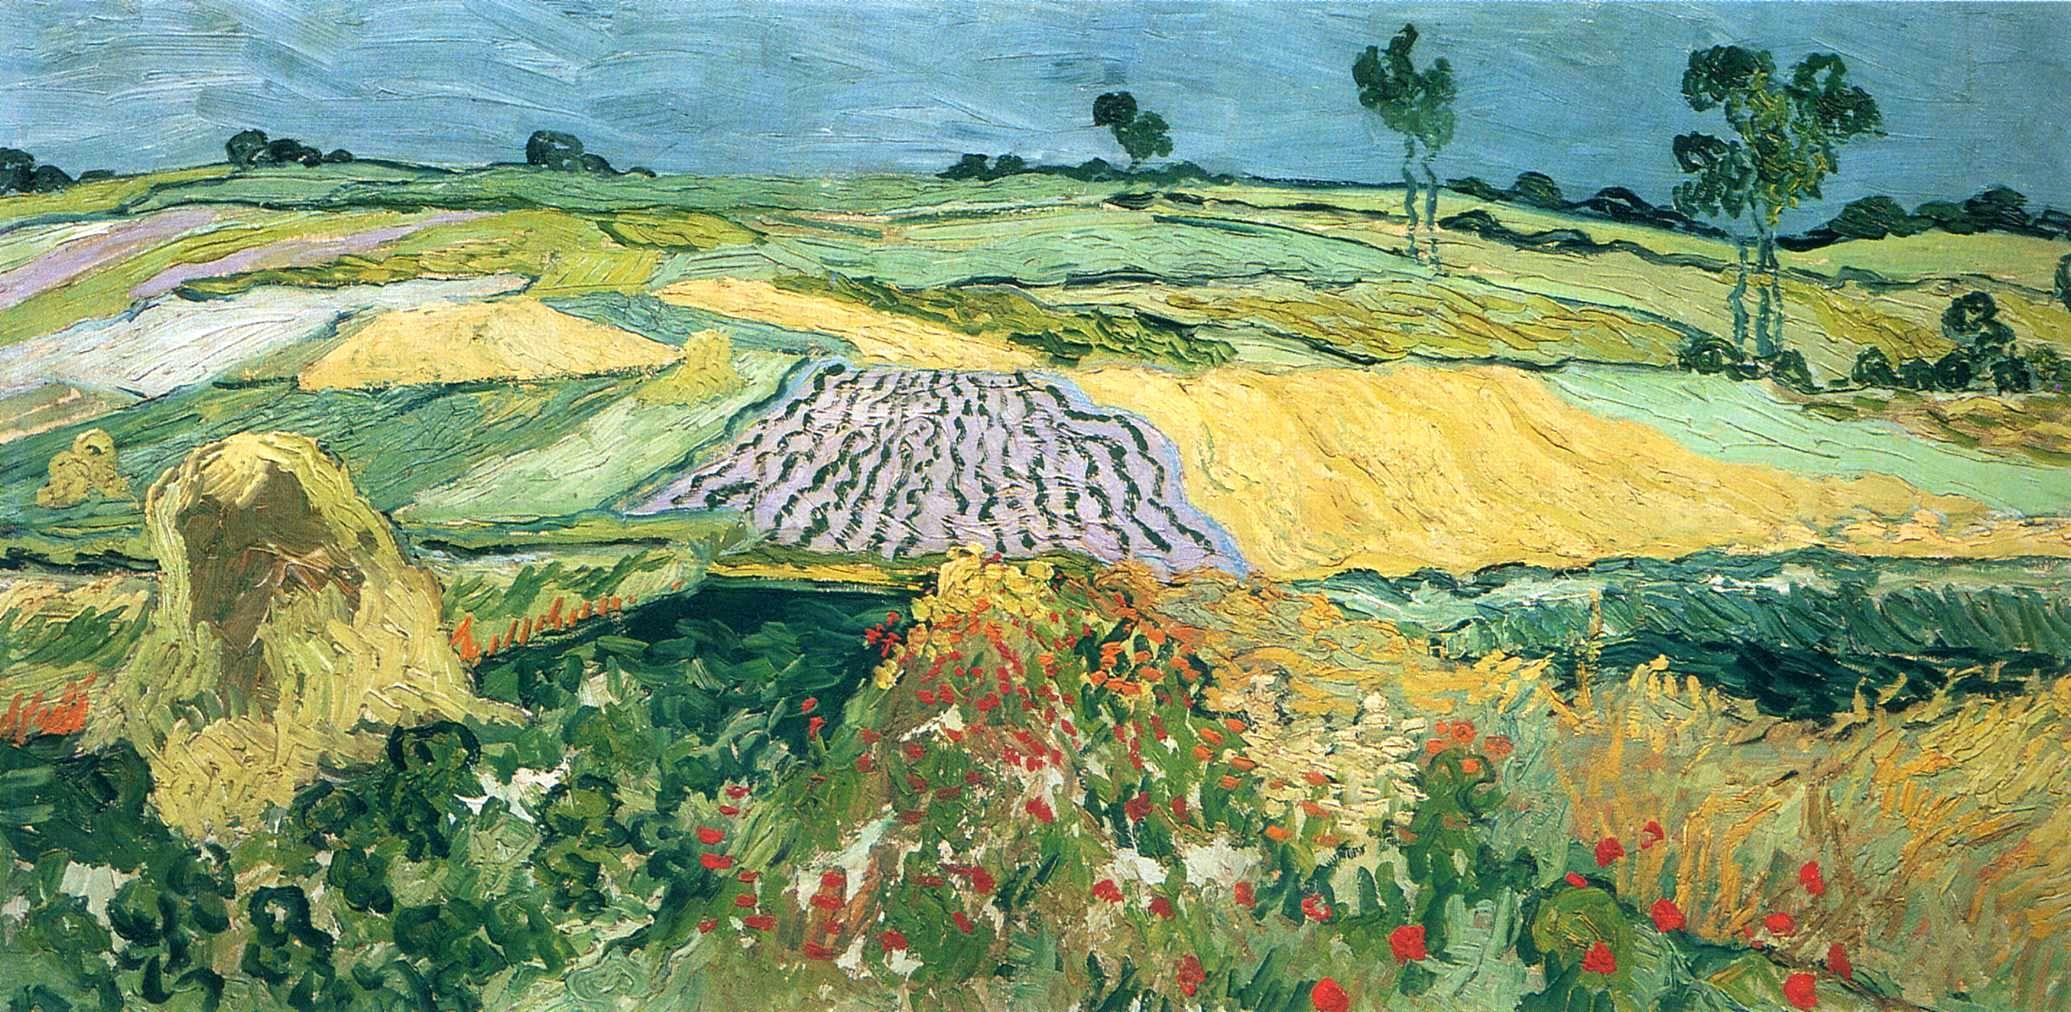 Пшеничные поля, равнина Овер :: Ван Гог, описание картины  - Van Gogh фото